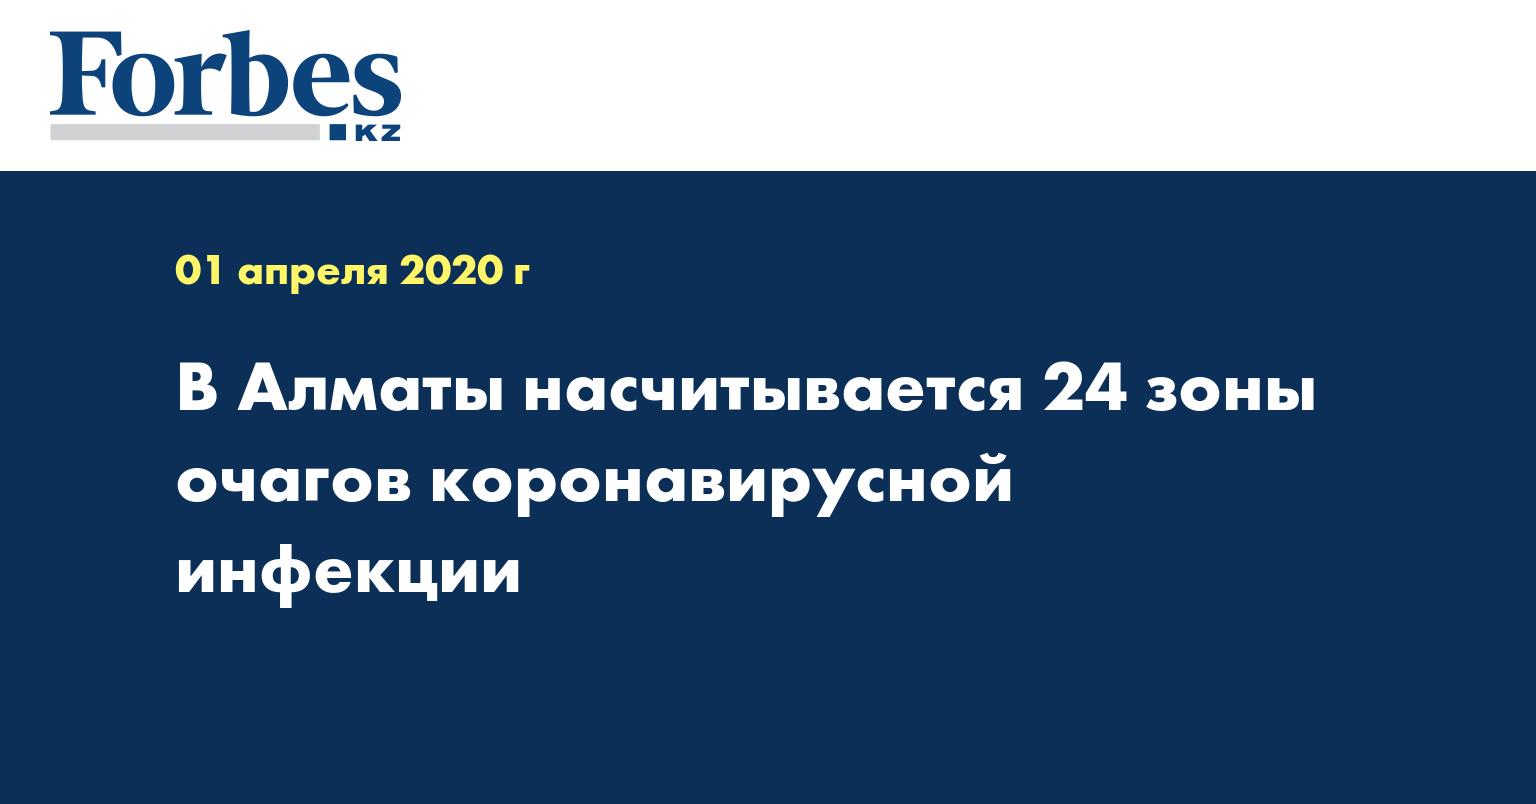 В Алматы насчитывается 24 зоны очагов коронавирусной инфекции